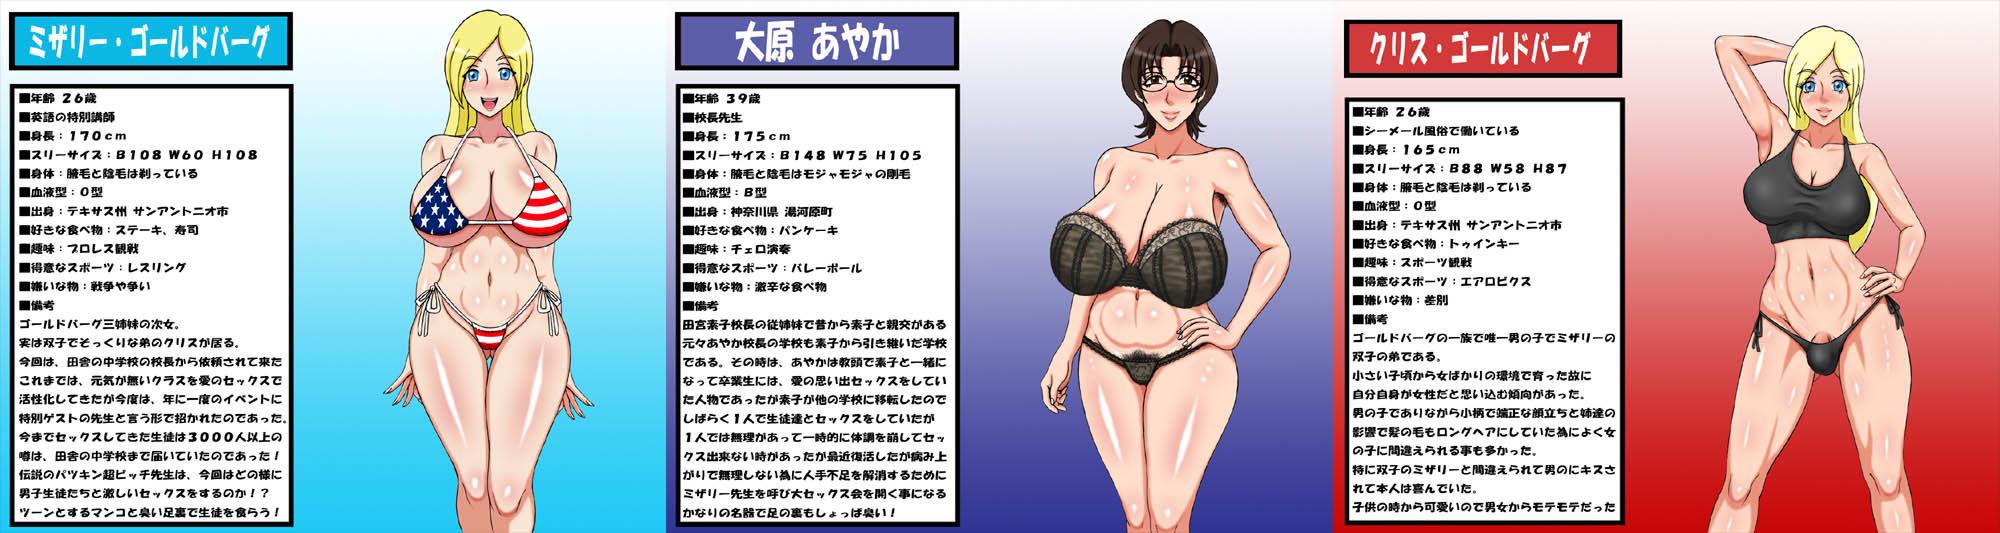 【凱聖堂 同人】むちむち爆乳ティーチャー4